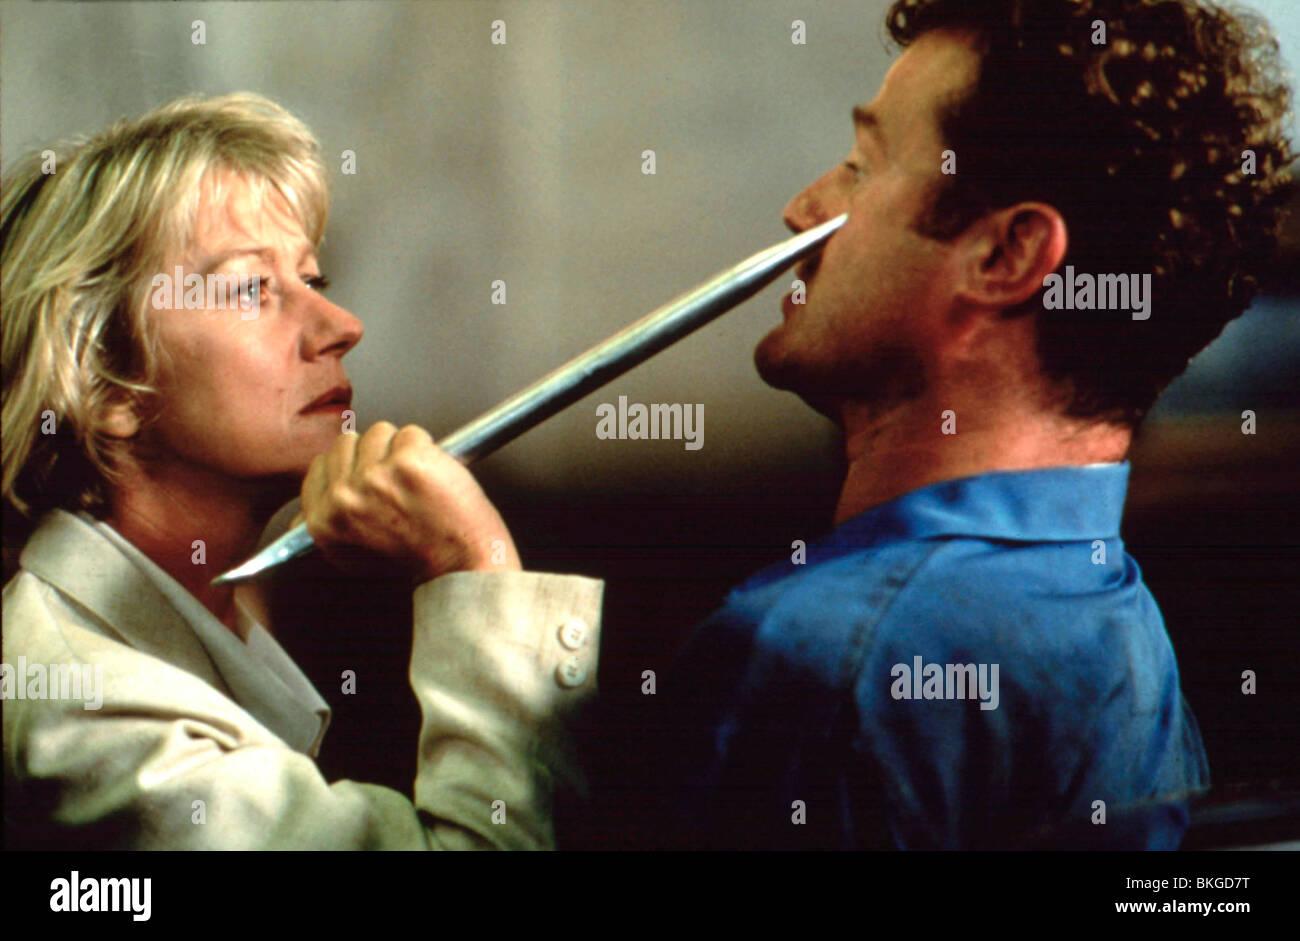 THE HAWK (1993) HELEN MIRREN, OWEN TEALE HAWK 009 - Stock Image